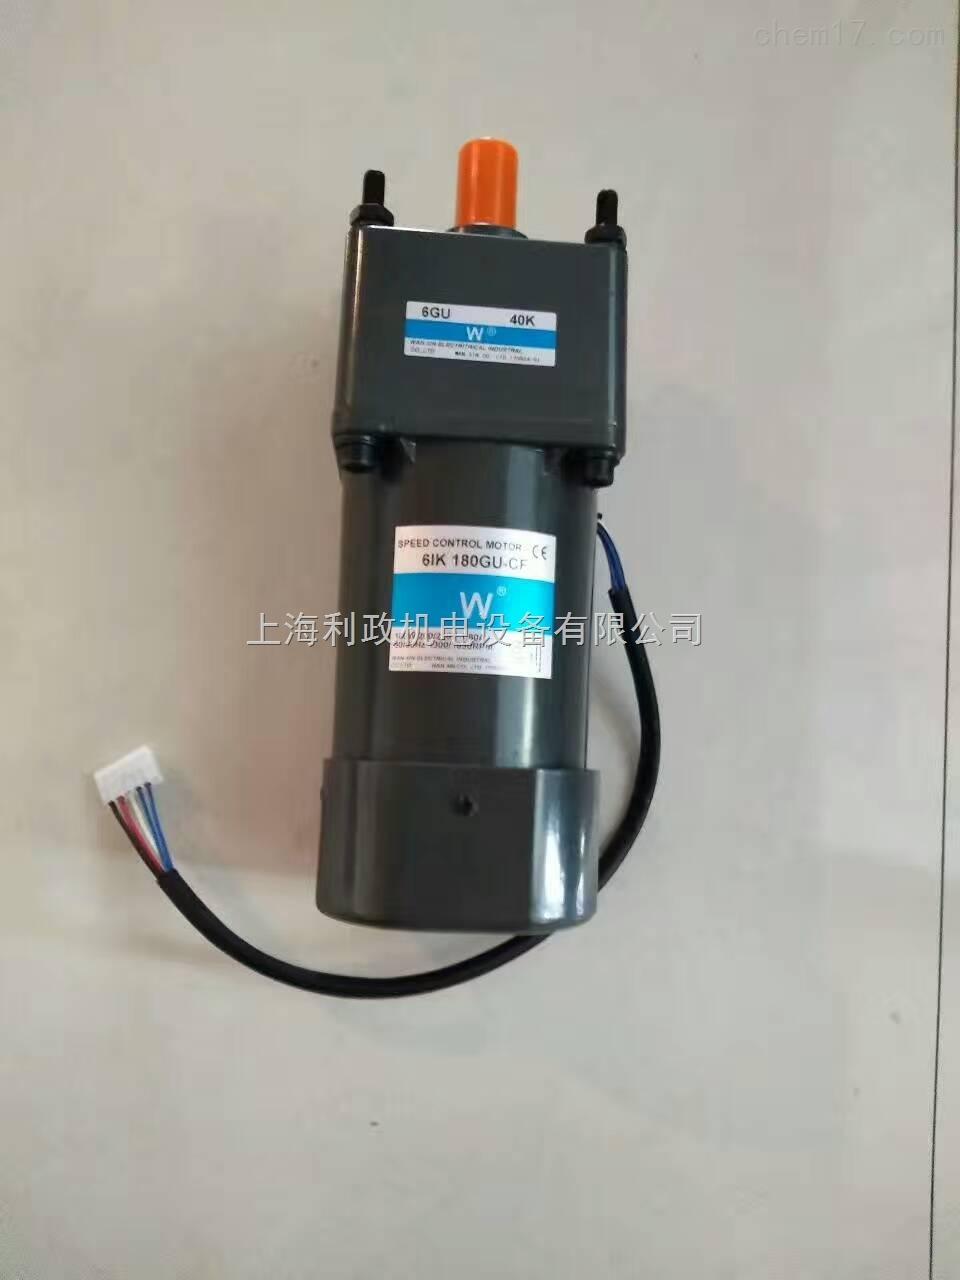 利政牌220V/180W微型單相交流調速馬達 單相調速電機報價